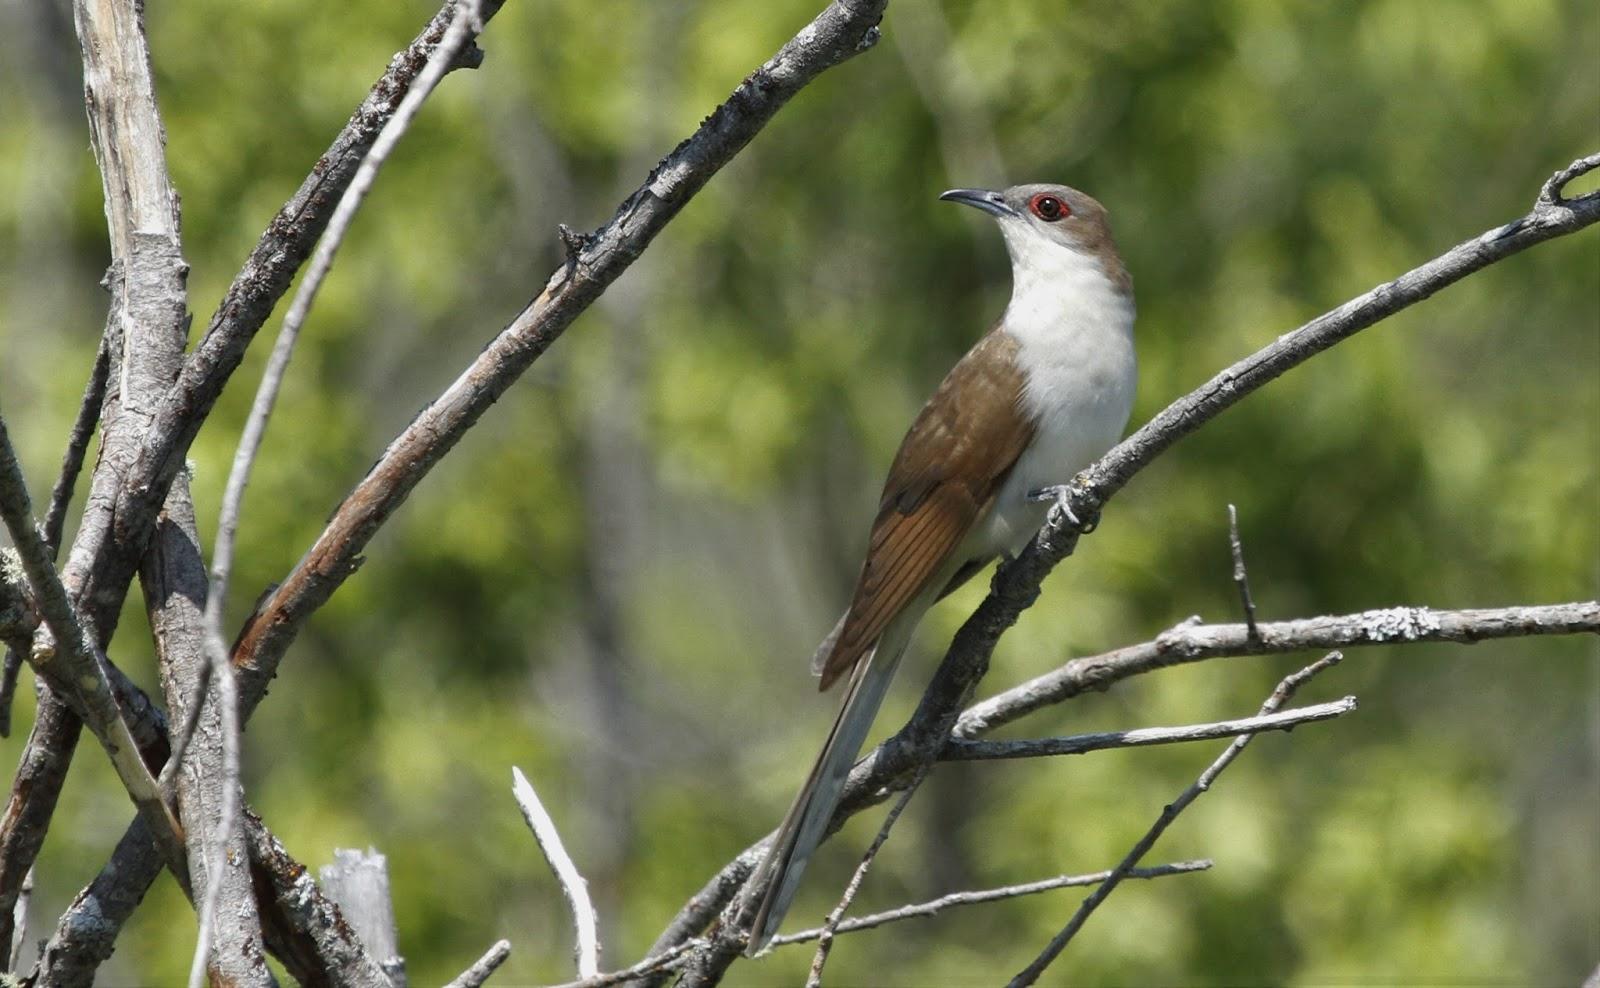 Oiseaux rares du saguenay lac saint jean 25 juin 2016 for 25 juin 2016